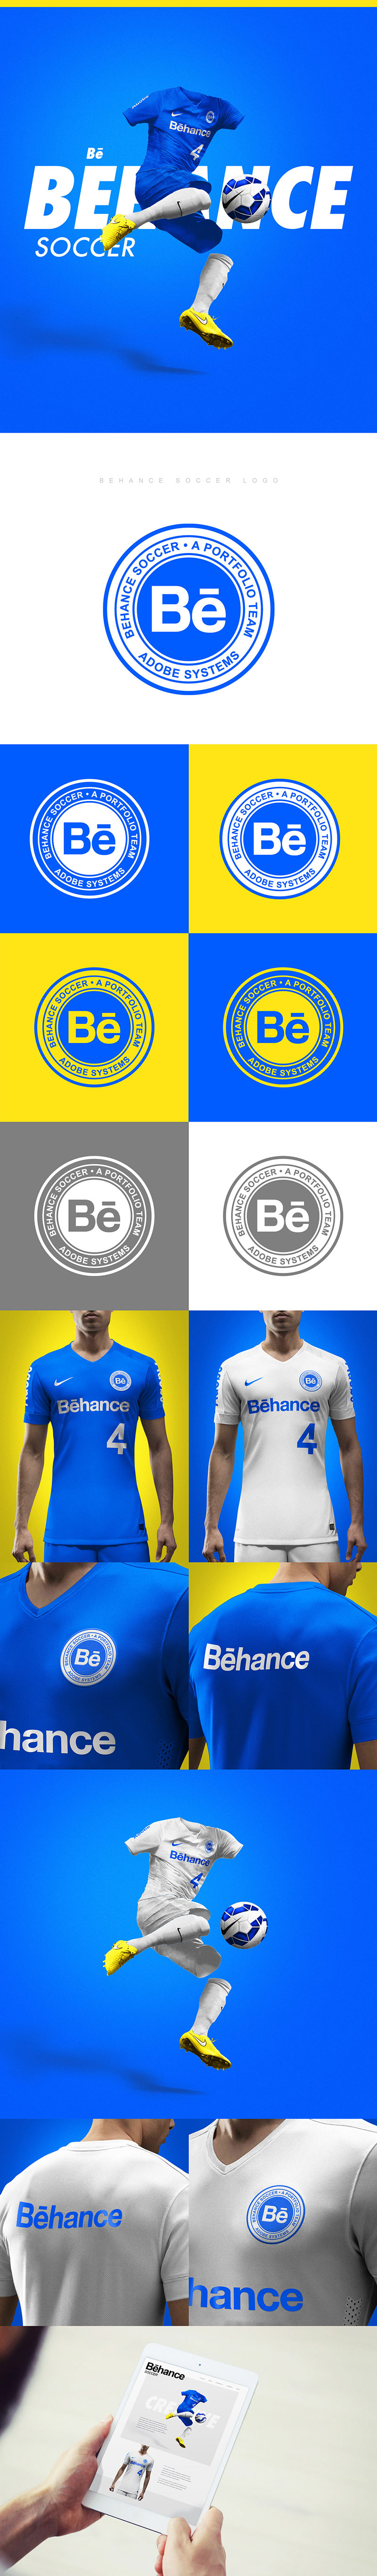 Diseños de la marca del club de fútbol: Behance Soccer Team por Brandon Williams